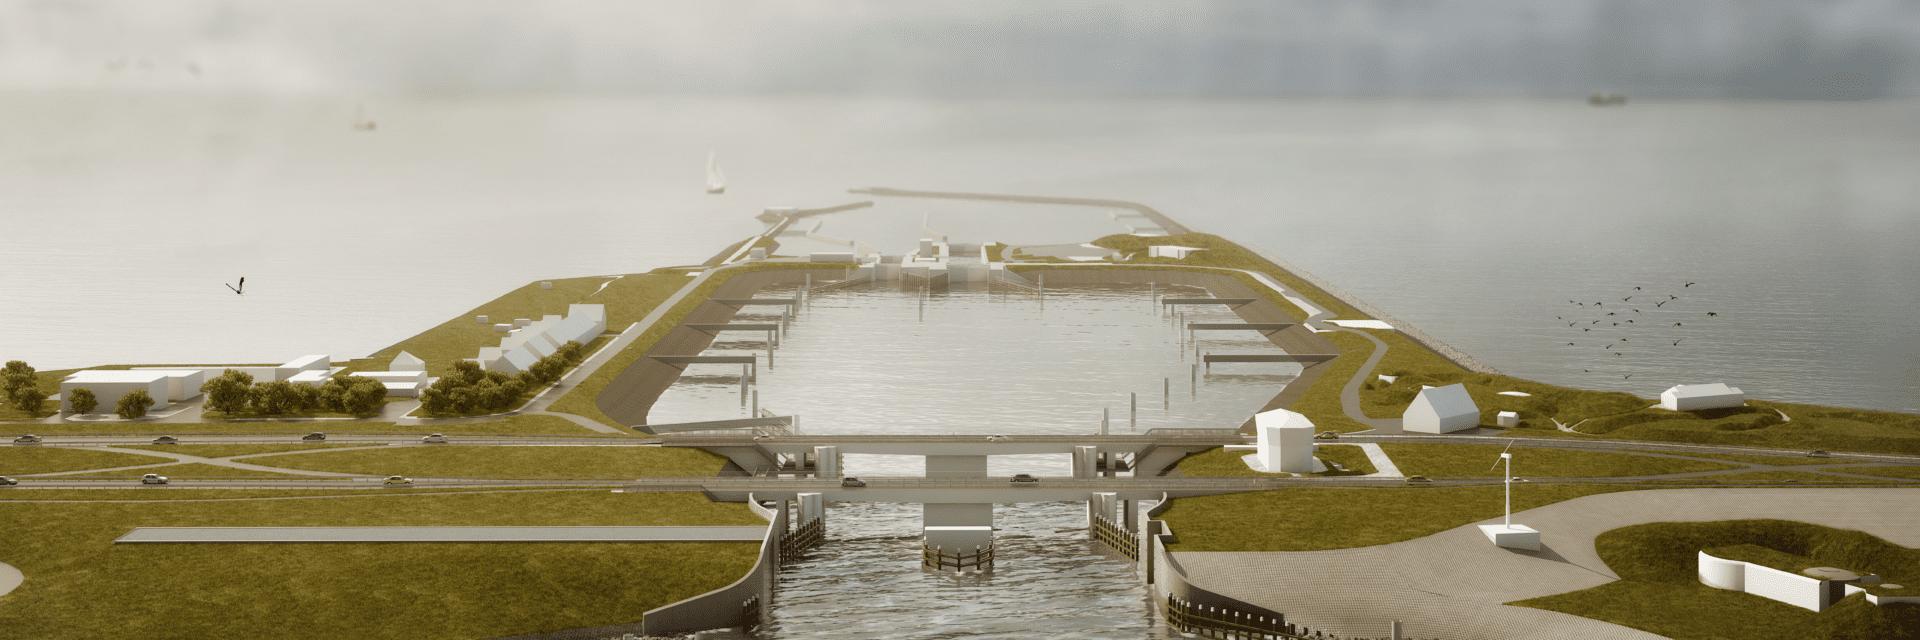 Keersluis bij Kornwerderzand. Dit is een impressie van de nieuwe keersluis. Je kijkt uit over de weg van de Afsluitdijk. Deze loopt horizontaal. Verticaal loopt de sluis, landstroken, en daarin het water van het IJsselmeer en de Waddenzee. Boven zie je een bewolkte lucht en zeemeeuwen.